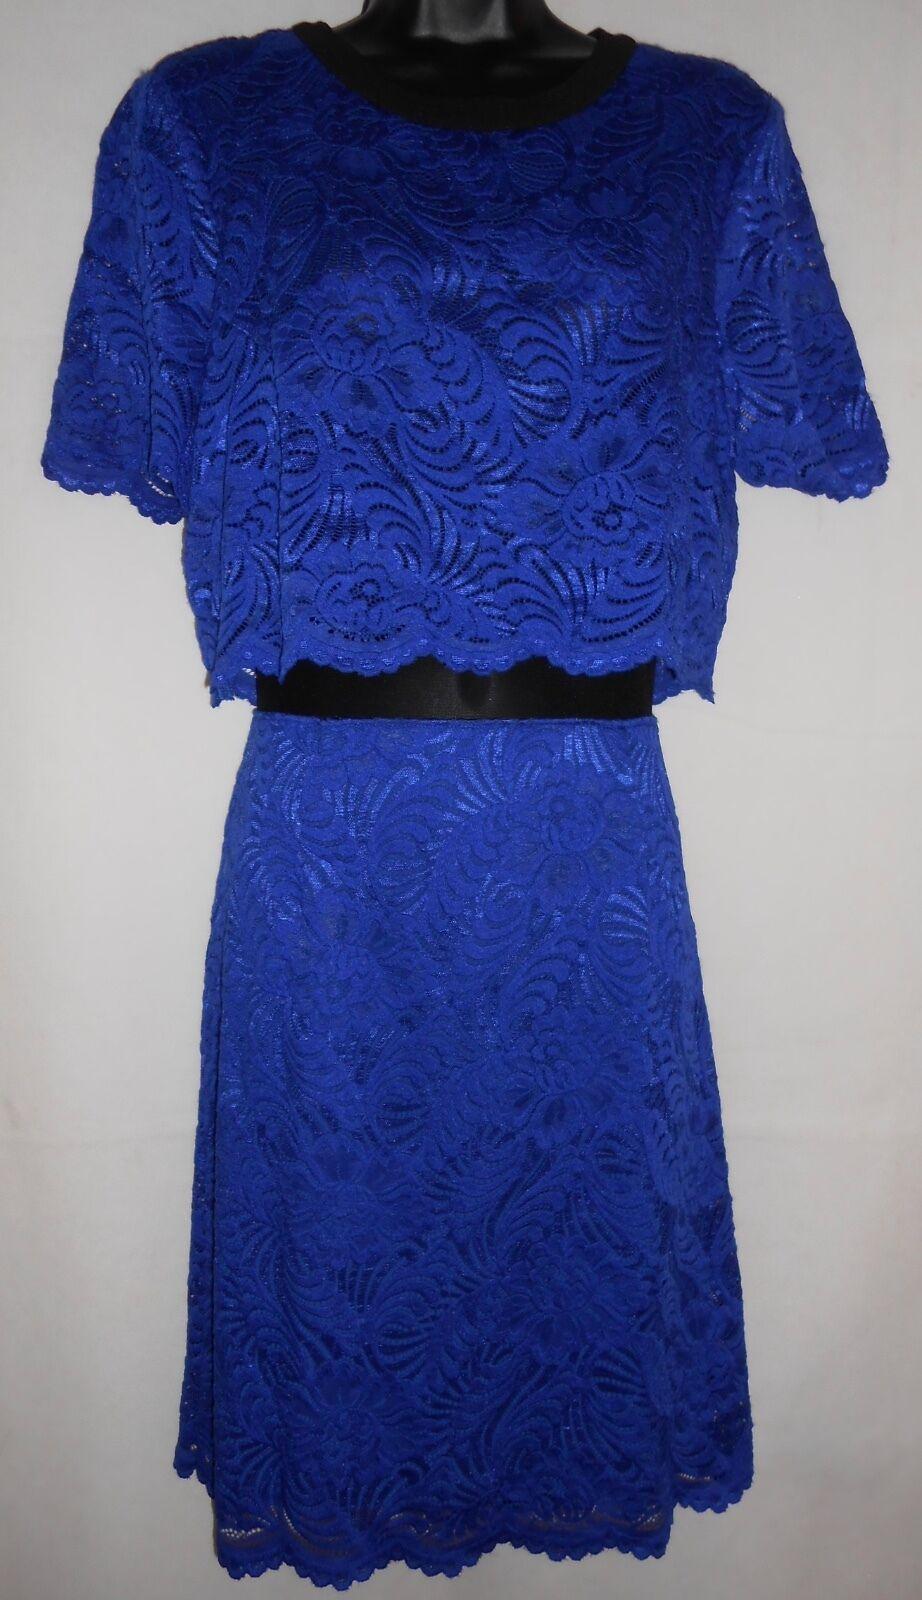 New ABS  by Allen Schwartz bluee lace dress L RRP